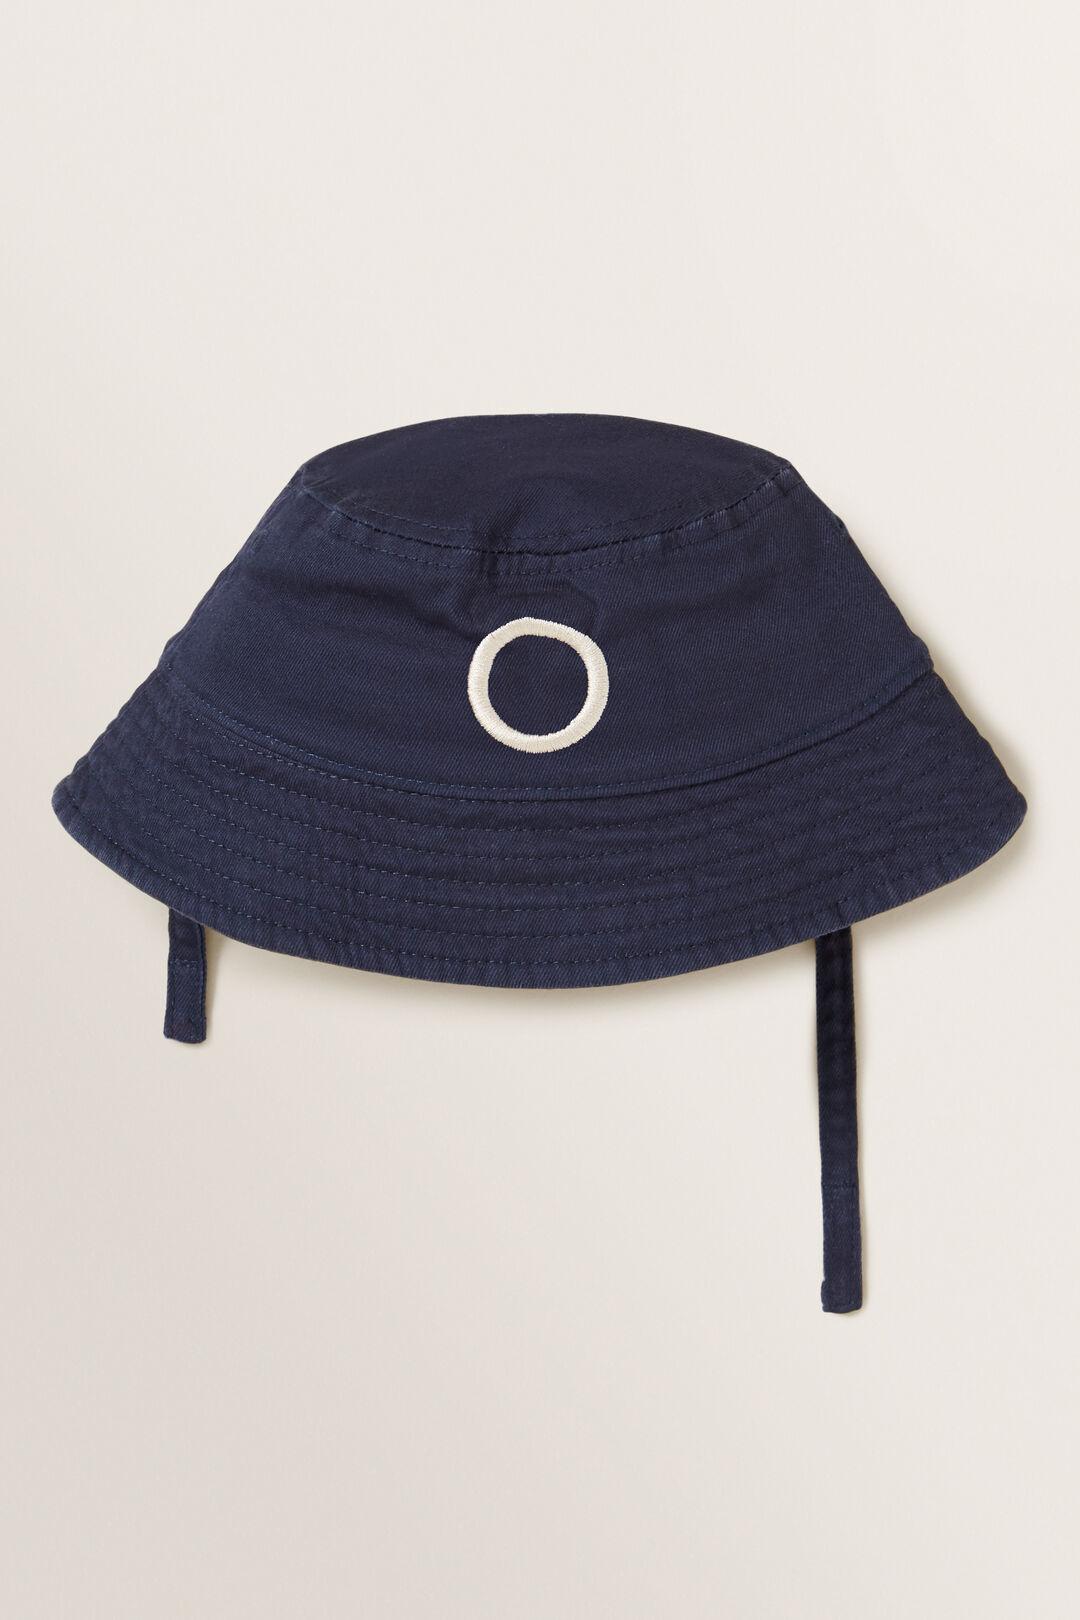 Initial Bucket Hat  O  hi-res